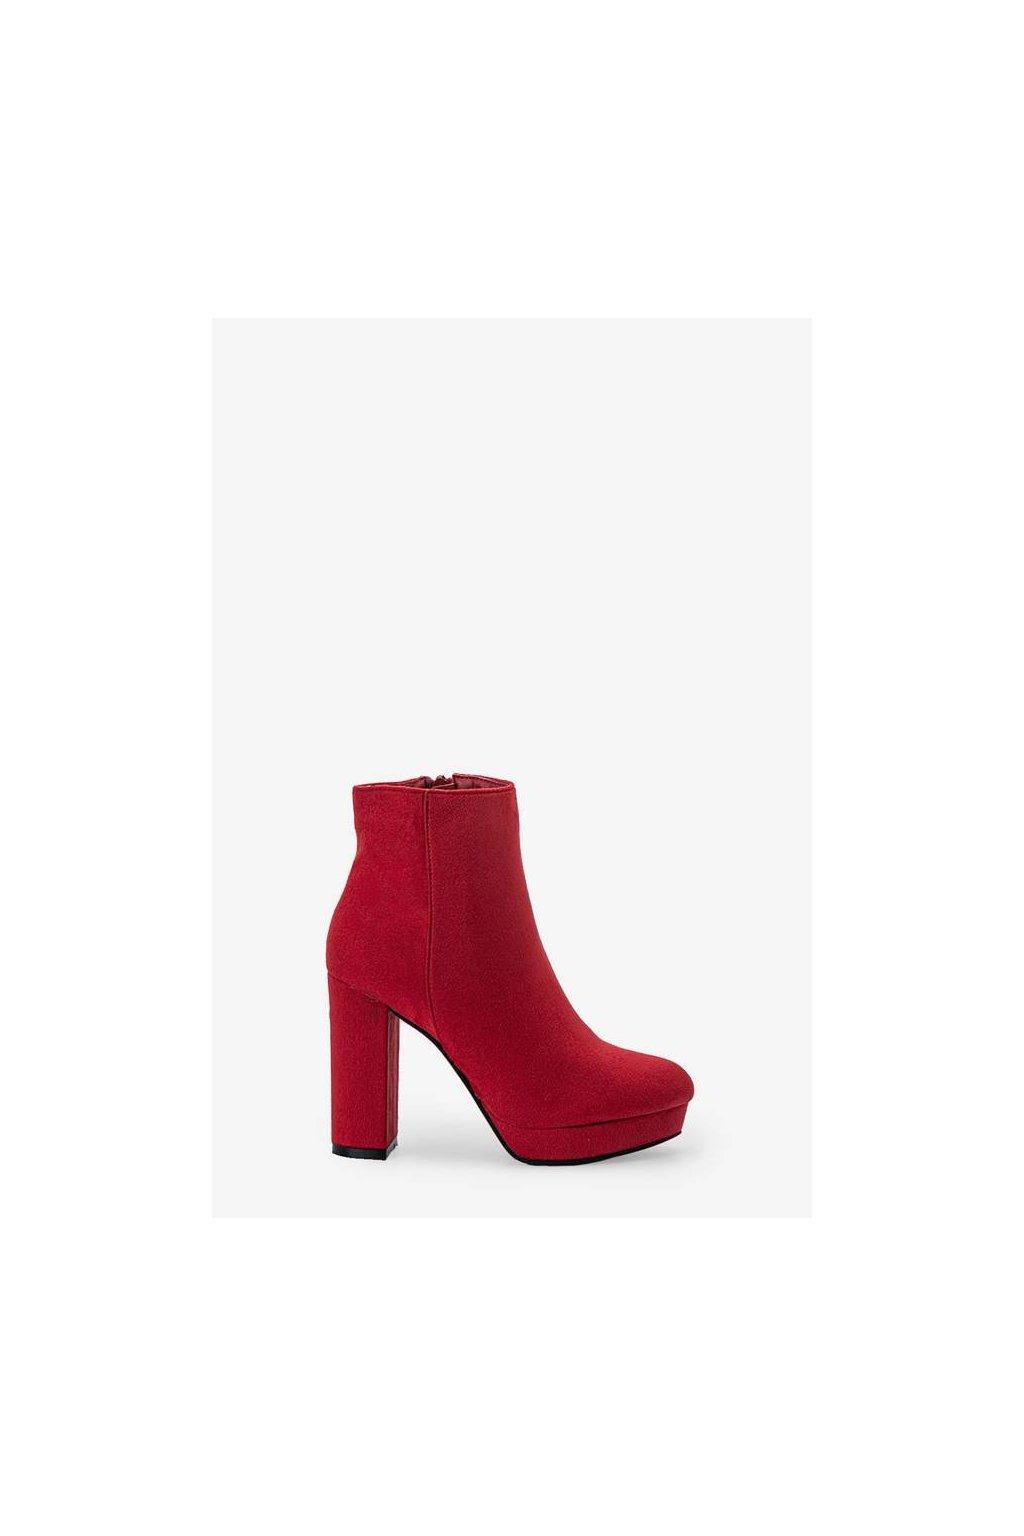 Dámske členkové topánky červené kód - GM